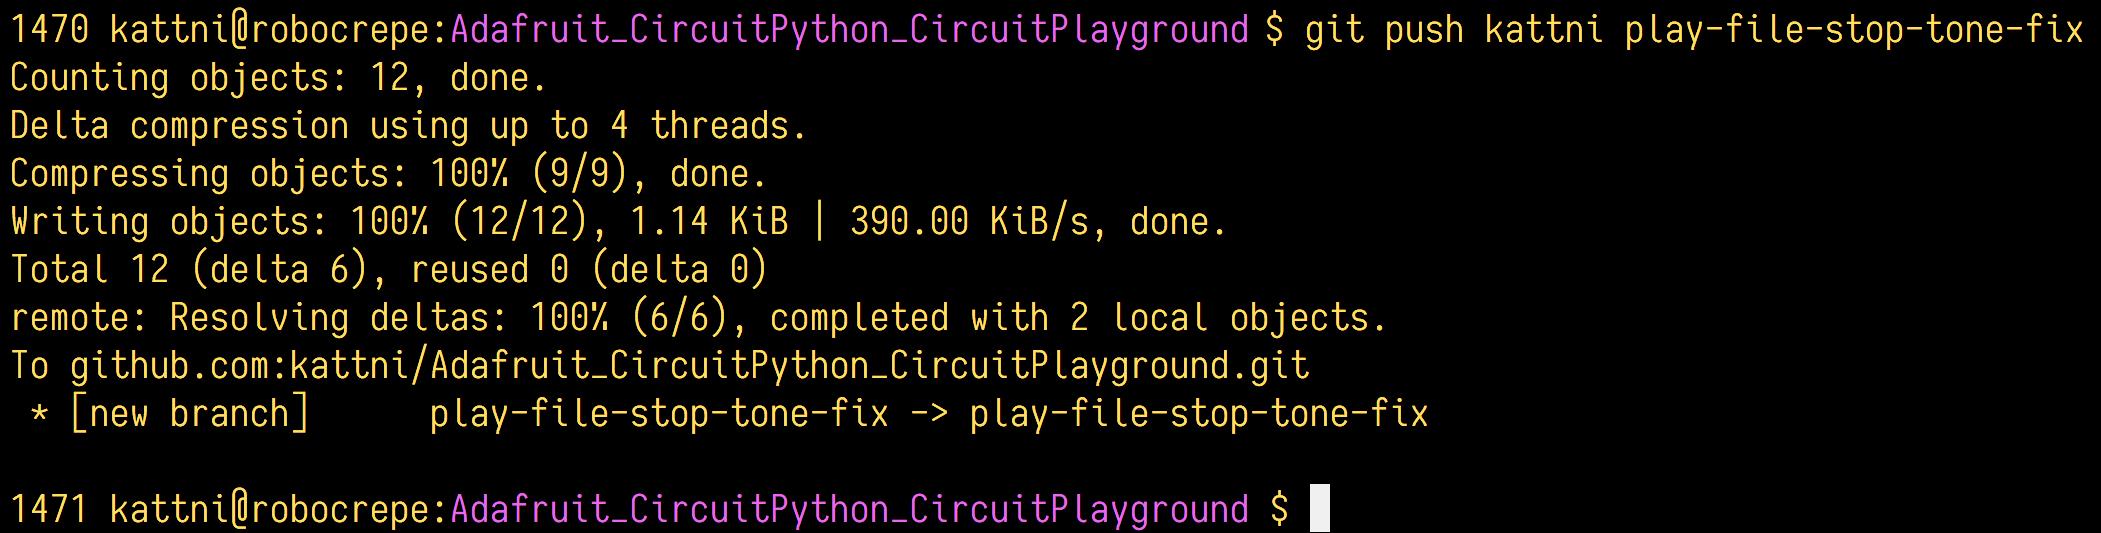 circuitpython_gitpush.png